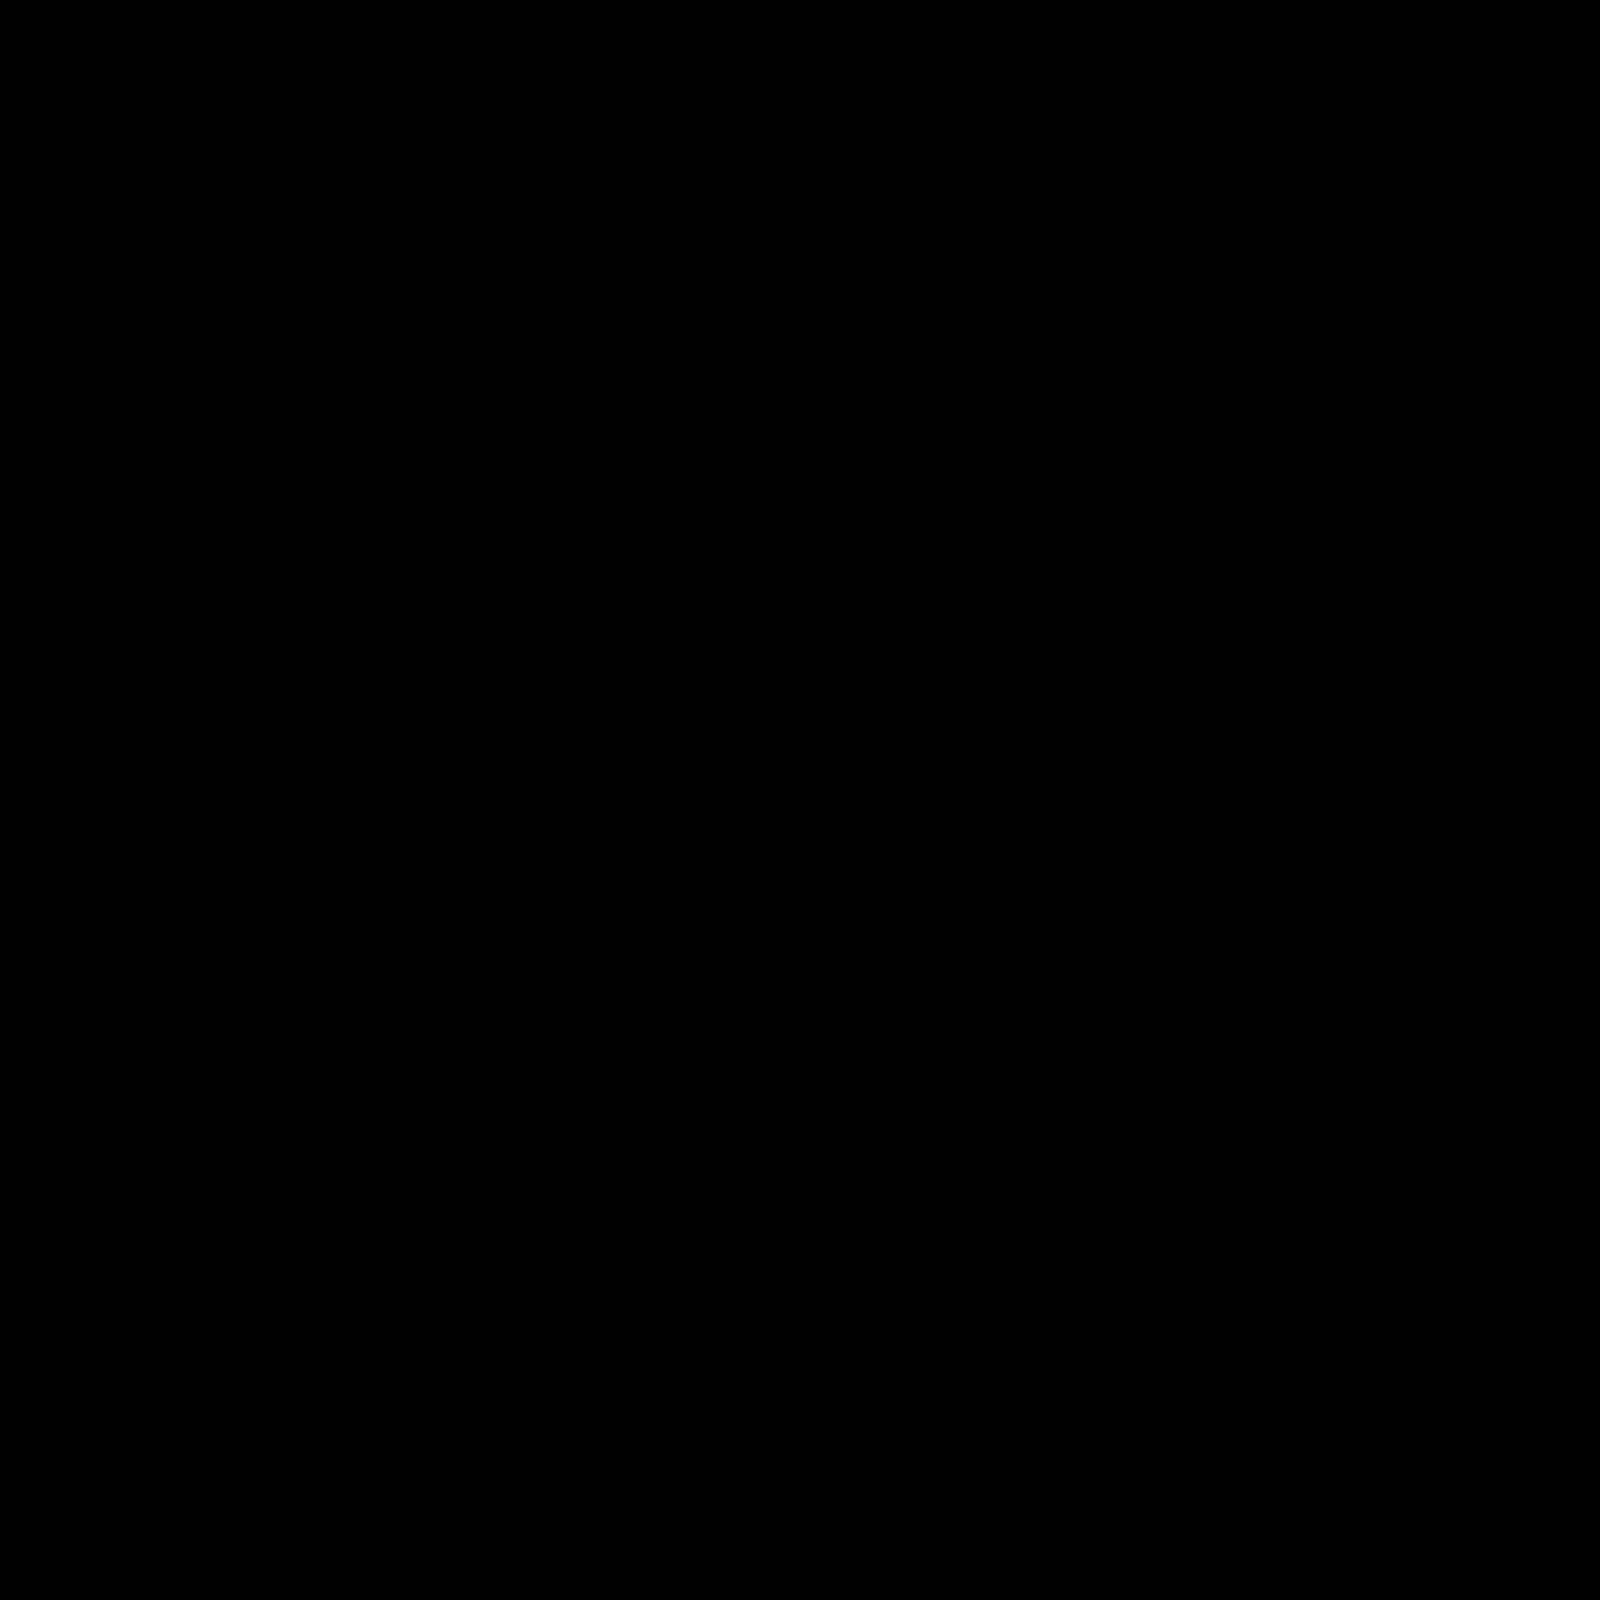 Przycisk z napisem WOW icon